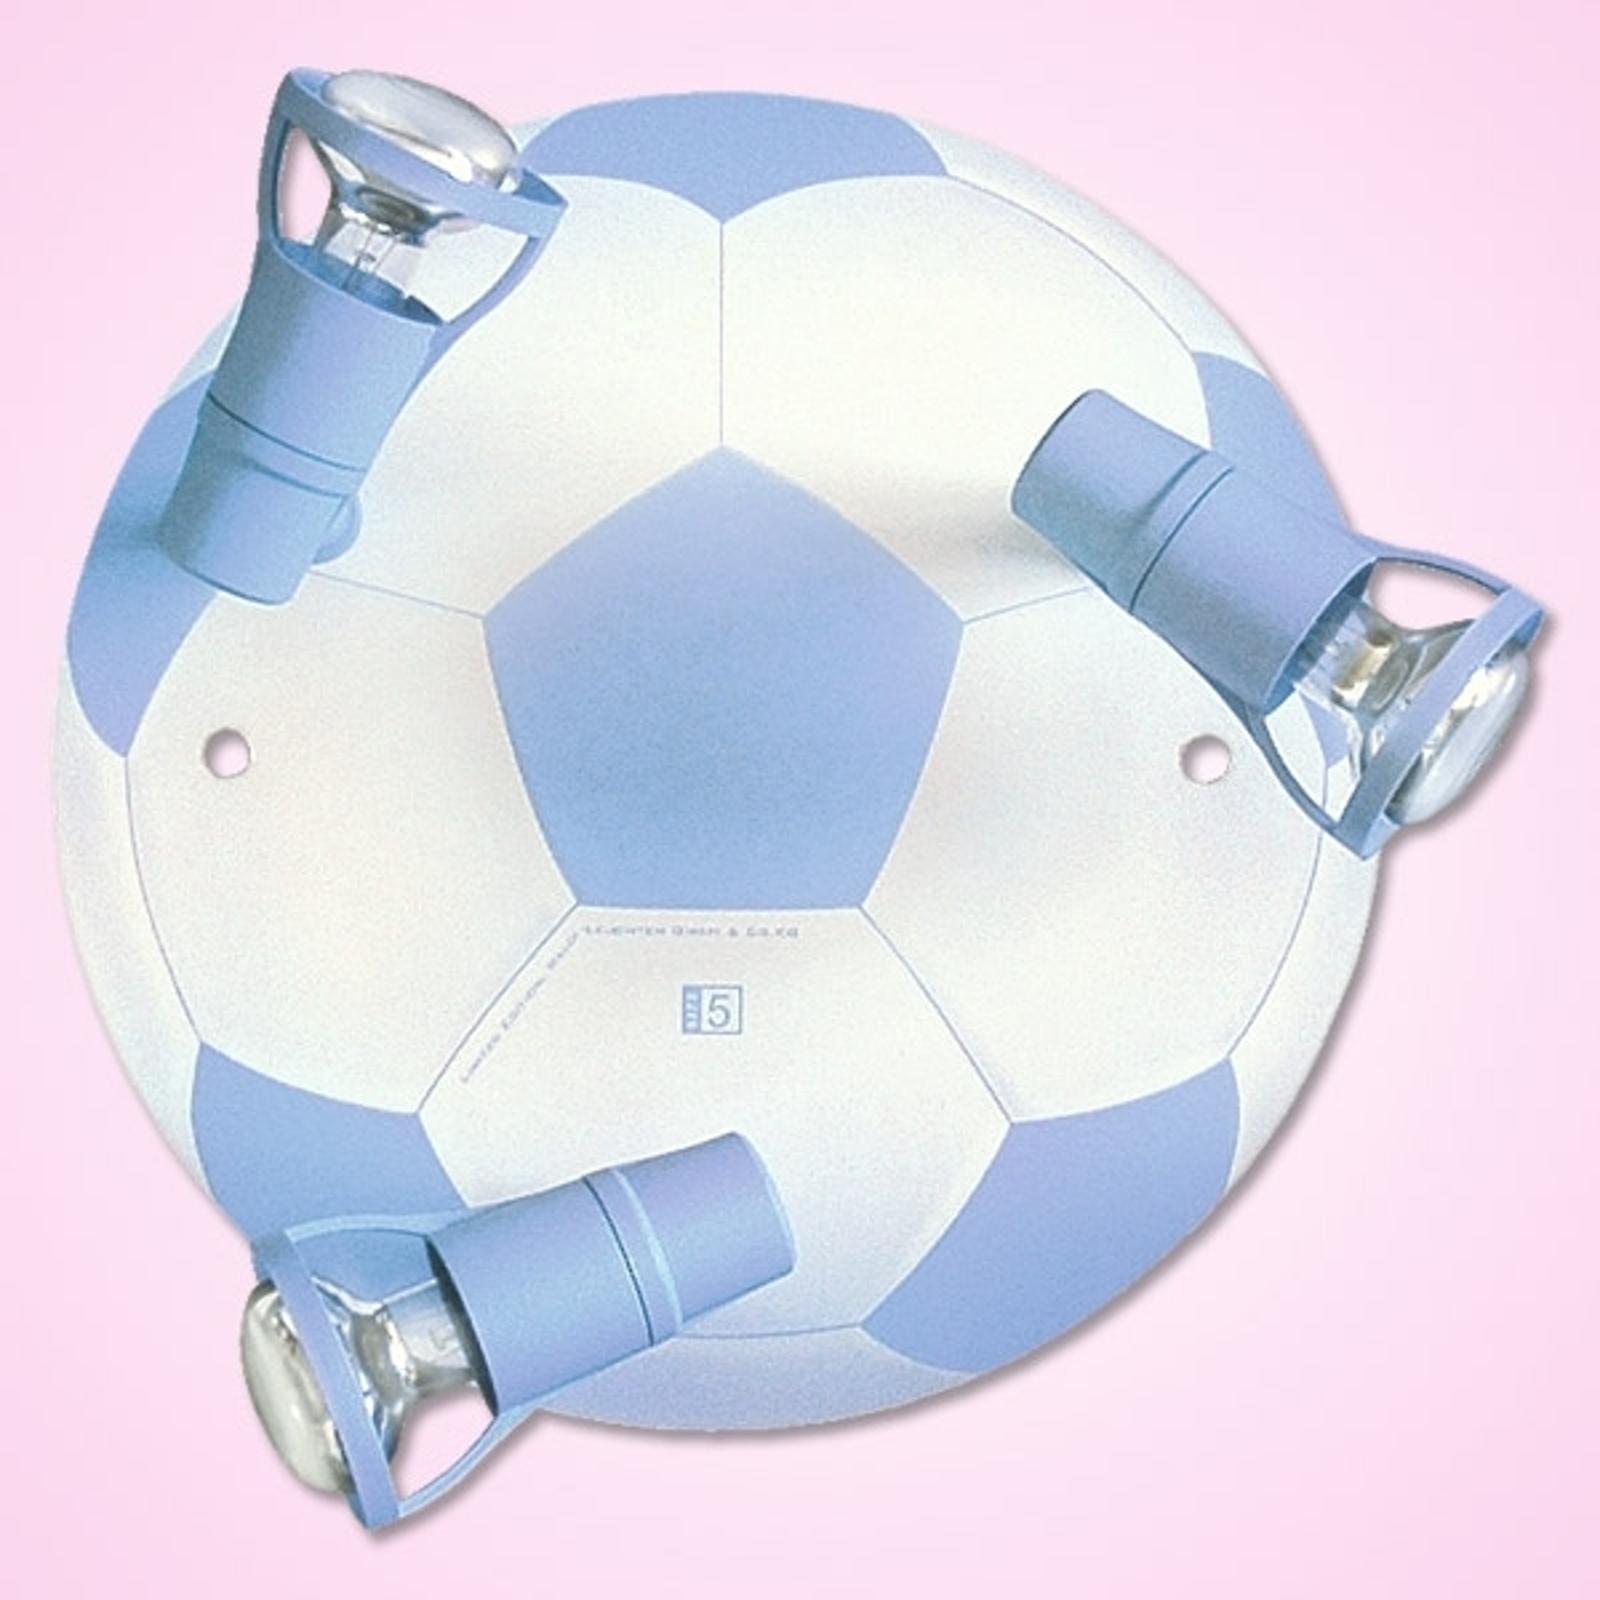 VOETBAL - 3-lichts lichtblauwe plafondlamp